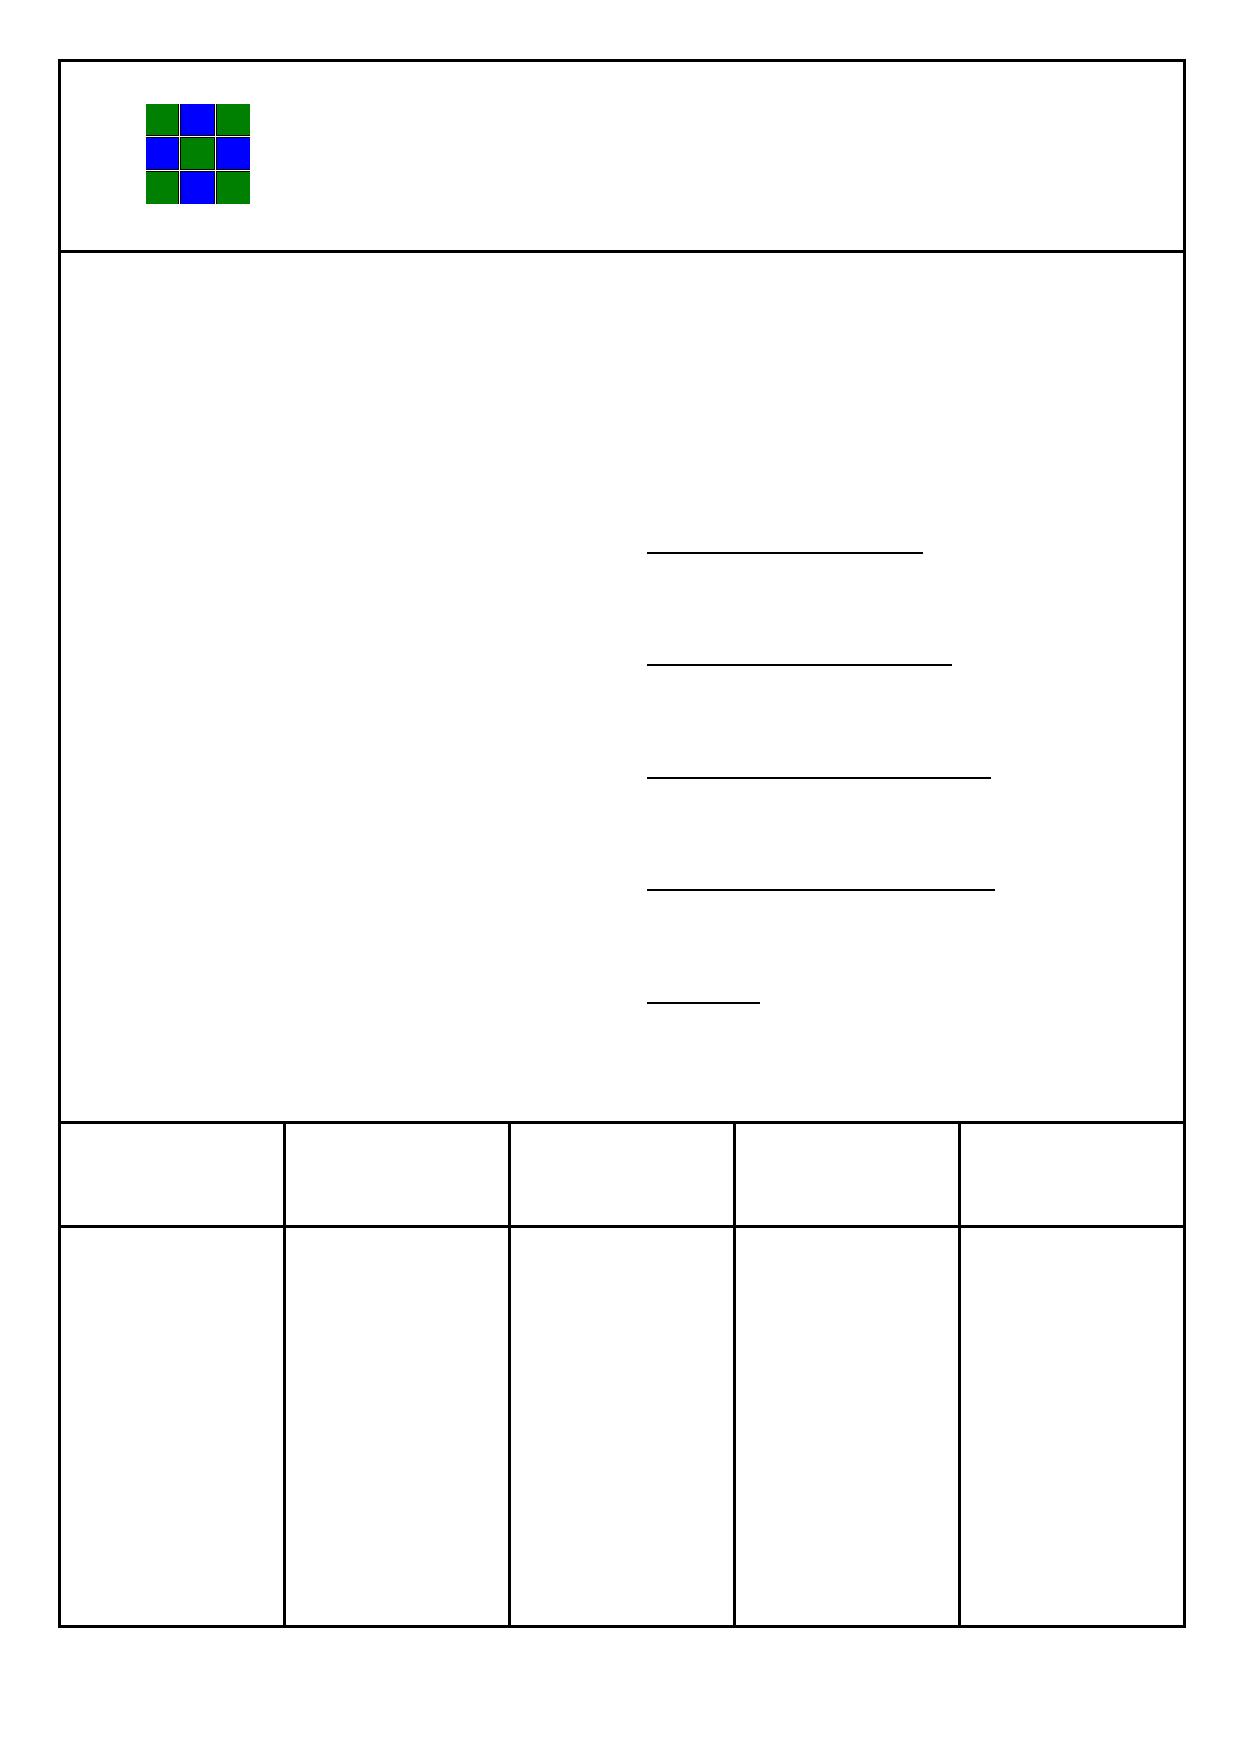 PE12864LRS-004-H 데이터시트 및 PE12864LRS-004-H PDF